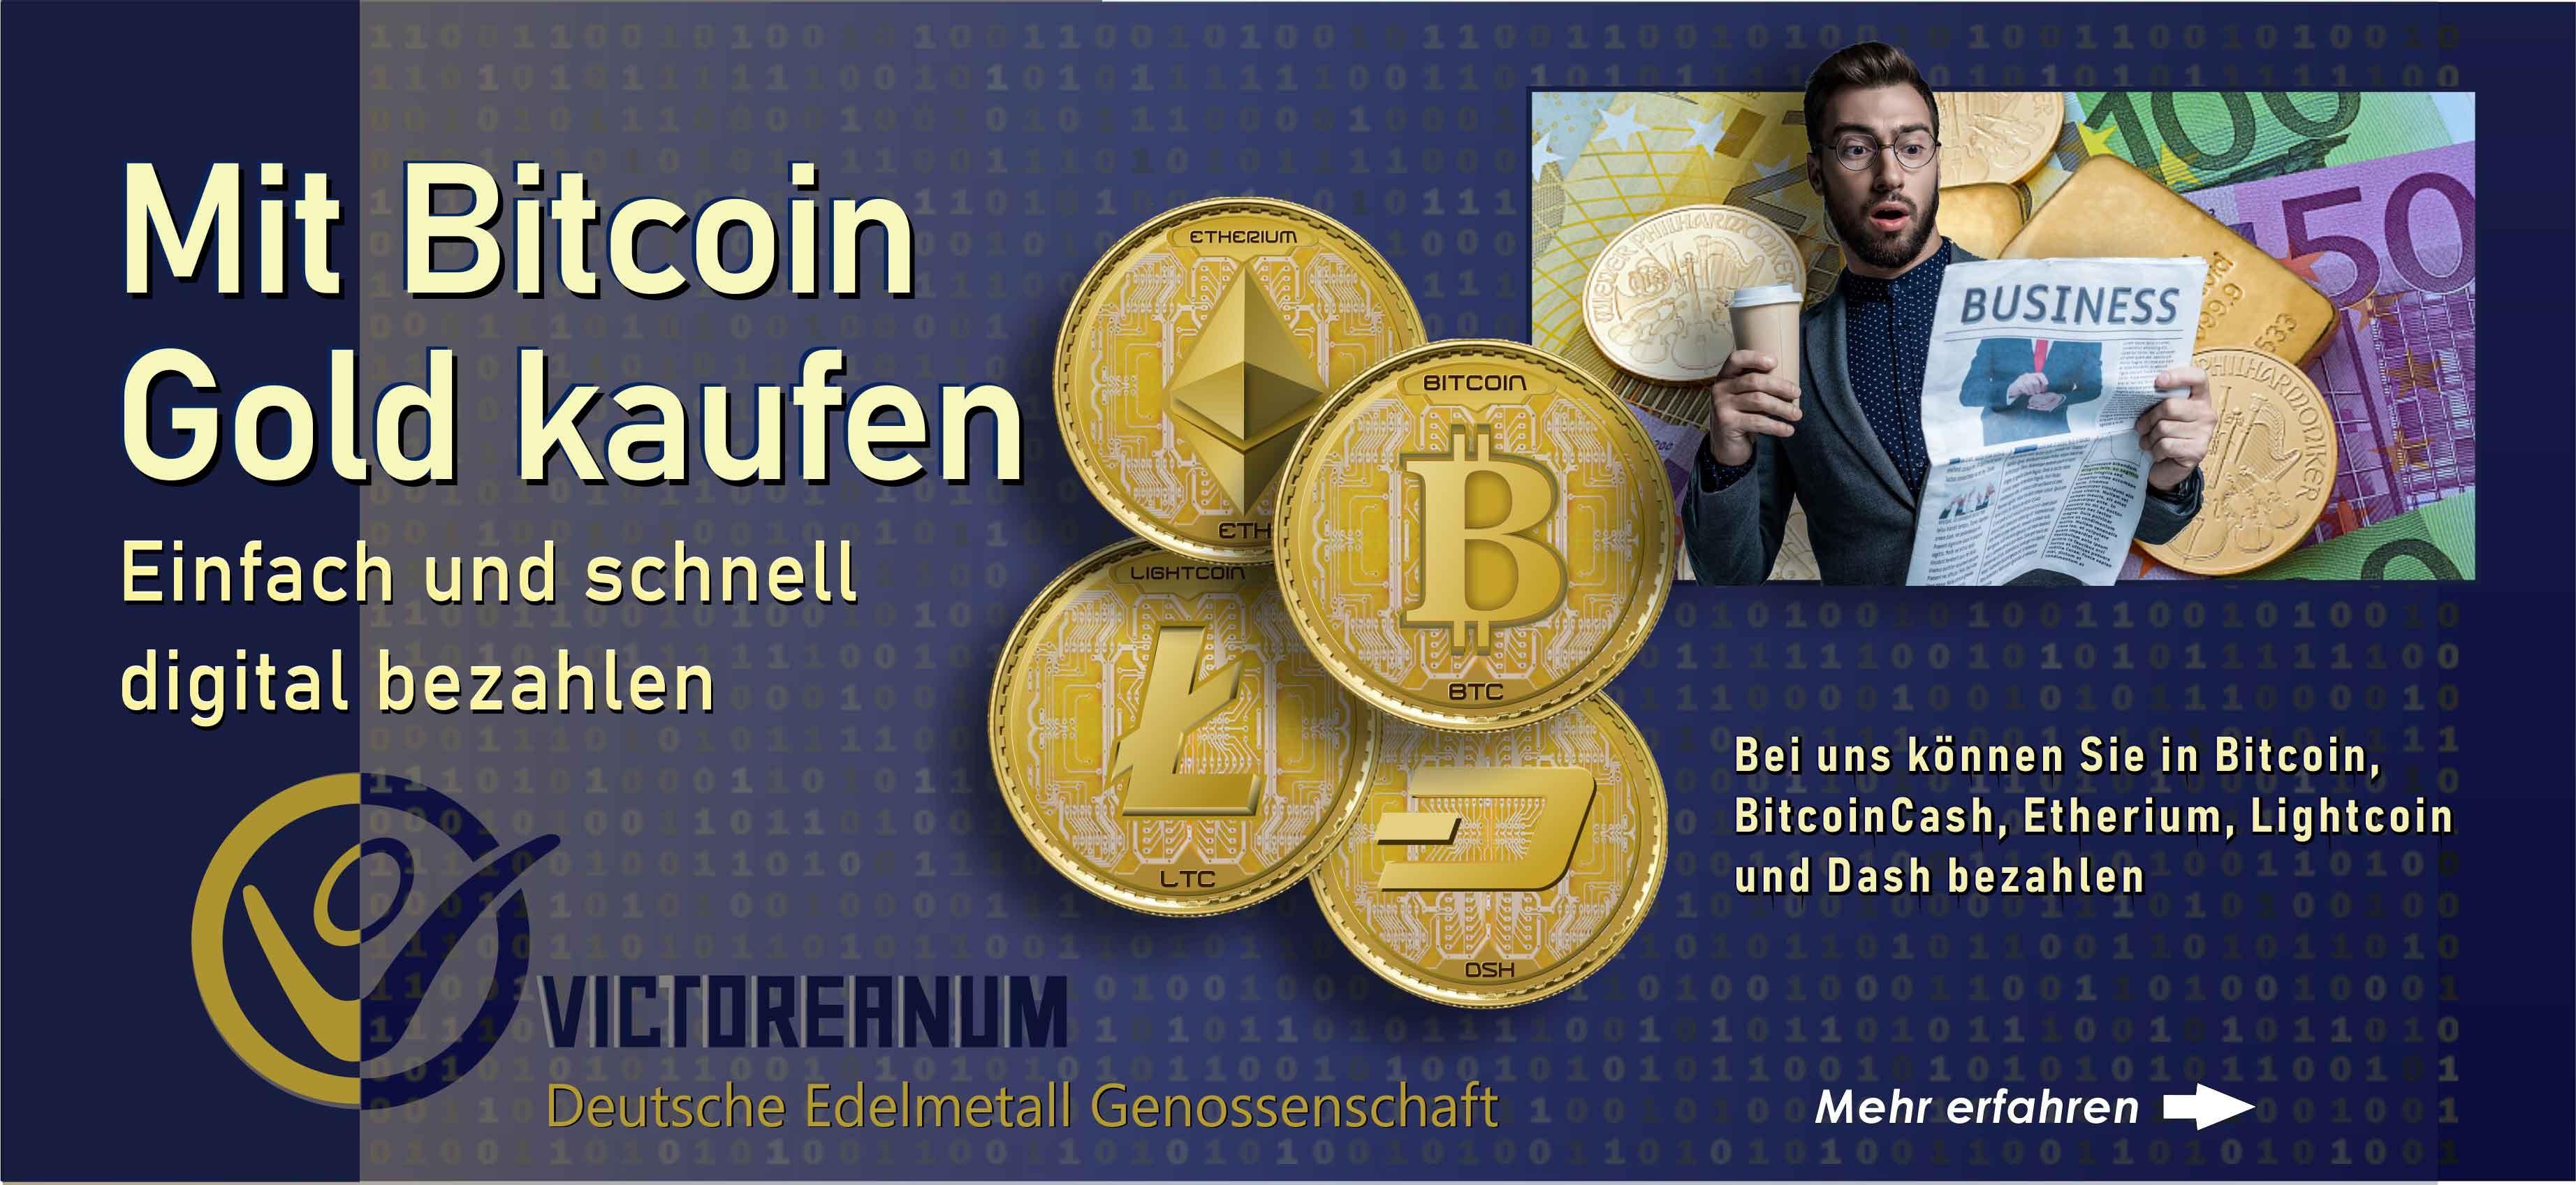 Mit Kryptos bezahlen. Gold und Silber mit Kryptos bezahlen Bitcoin, BitcoinCash, Etherium, Ligthcoin, Zcash